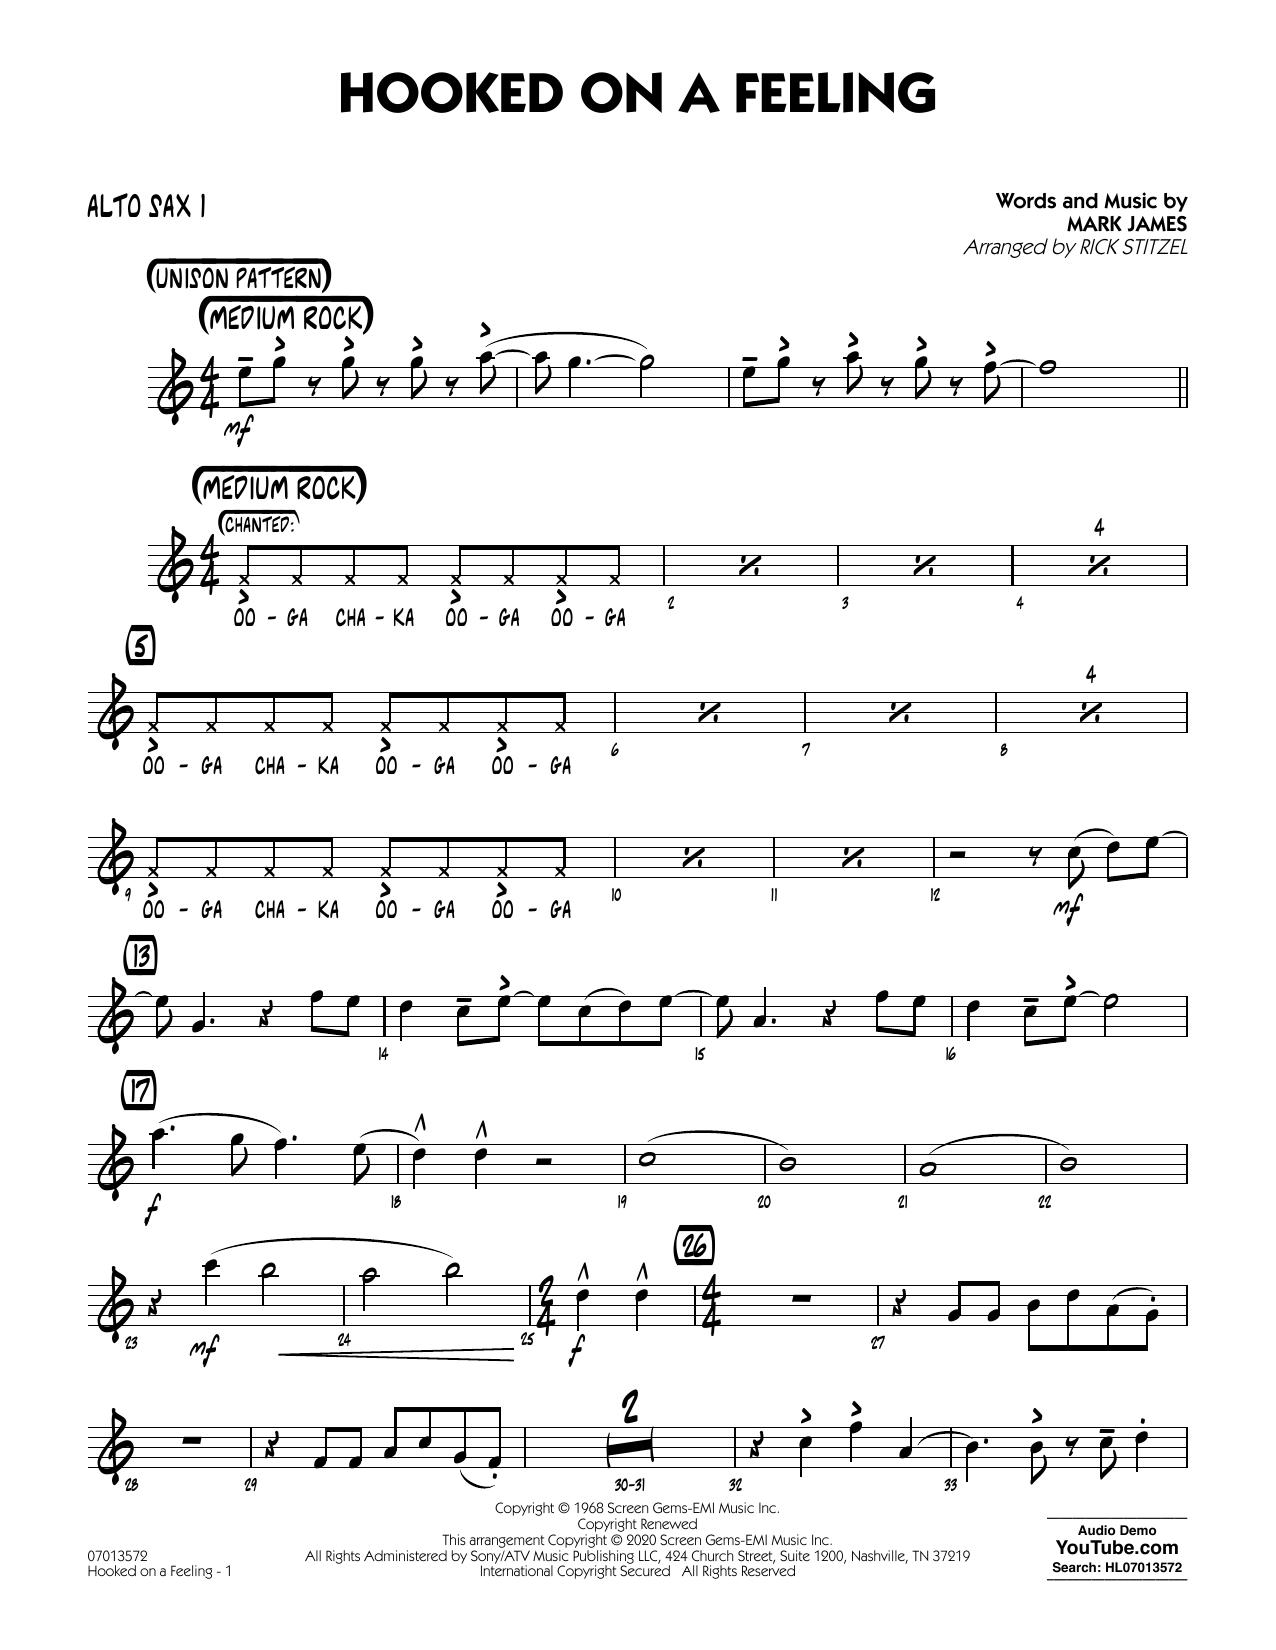 Hooked On A Feeling (arr. Rick Stitzel) - Alto Sax 1 (Jazz Ensemble)